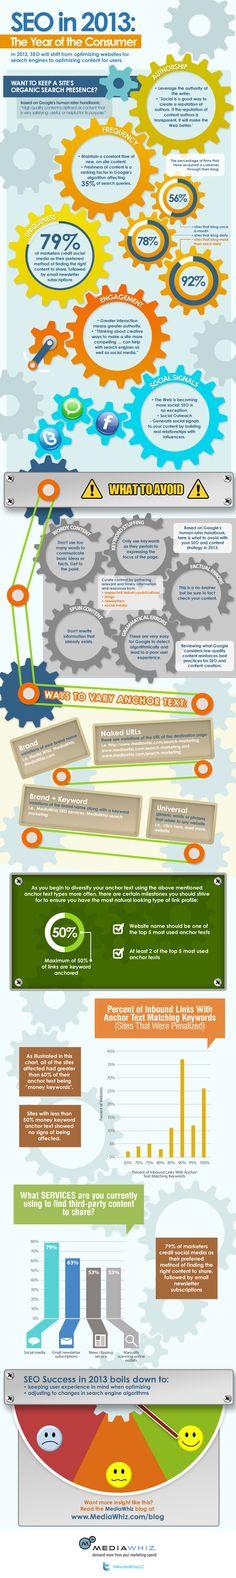 #SEO tips voor 2013 - #infographic #google